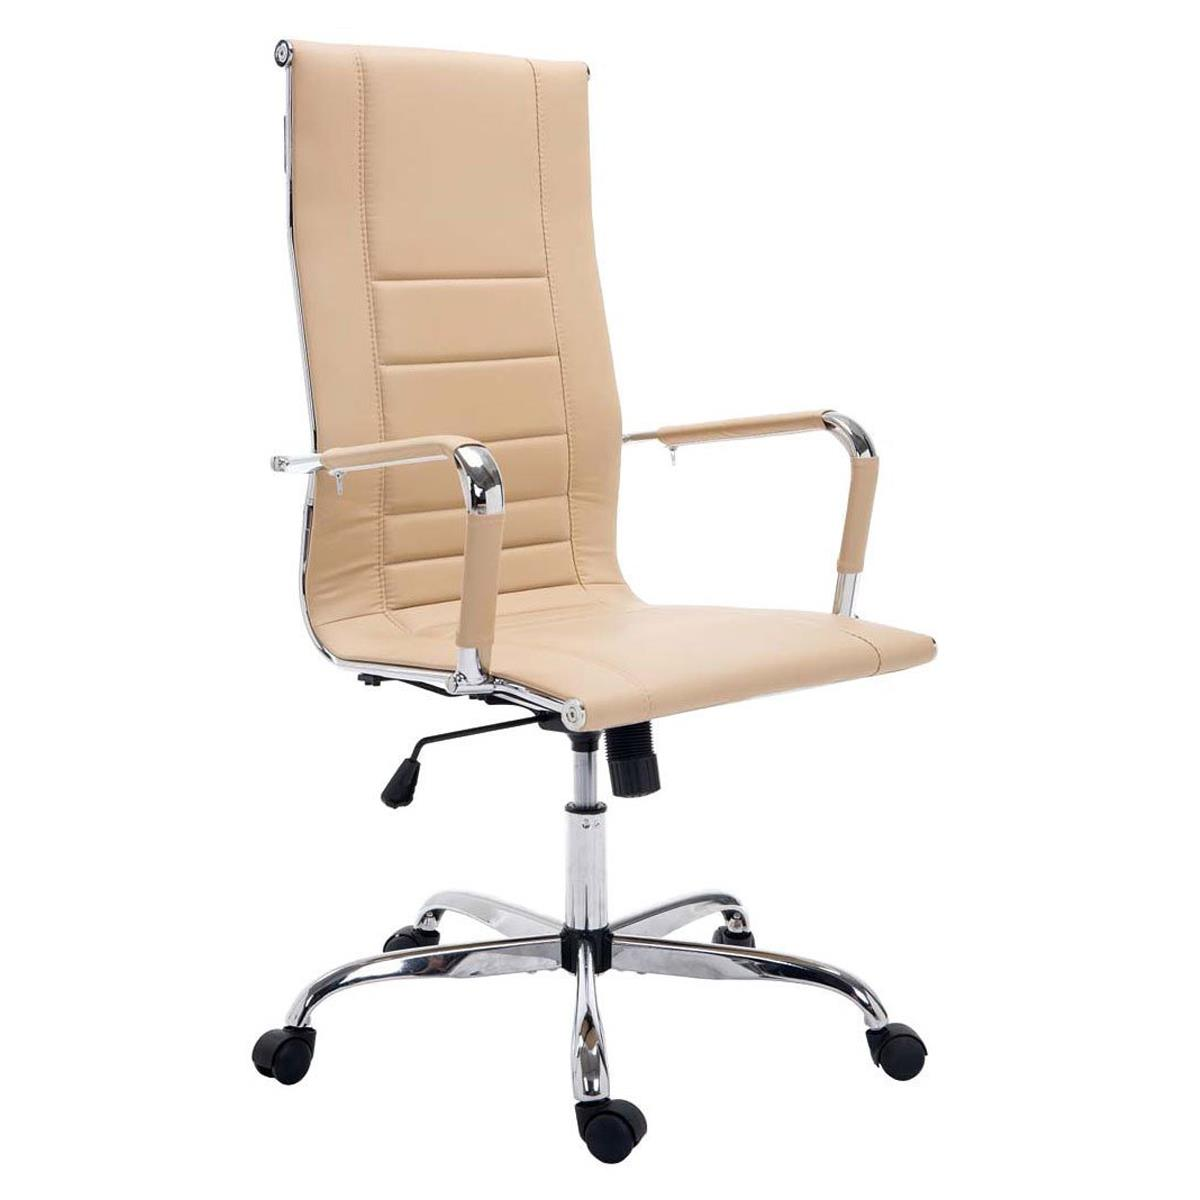 Sedia Per Ufficio Kola Struttura In Metallo Cromato